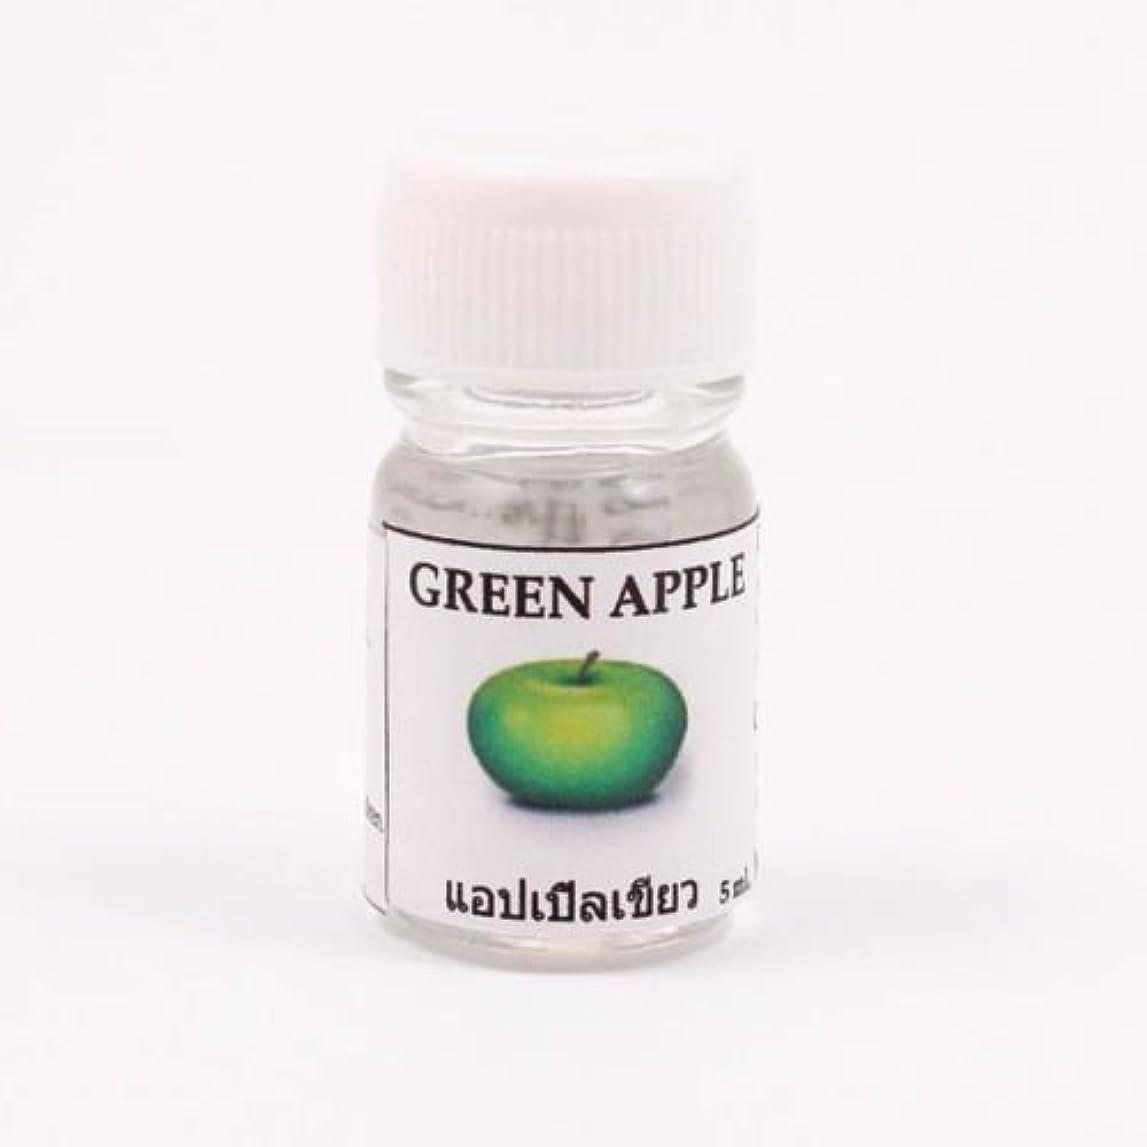 不承認ハンディキャップ賄賂6X Green Apple Aroma Fragrance Essential Oil 5ML Diffuser Burner Therapy